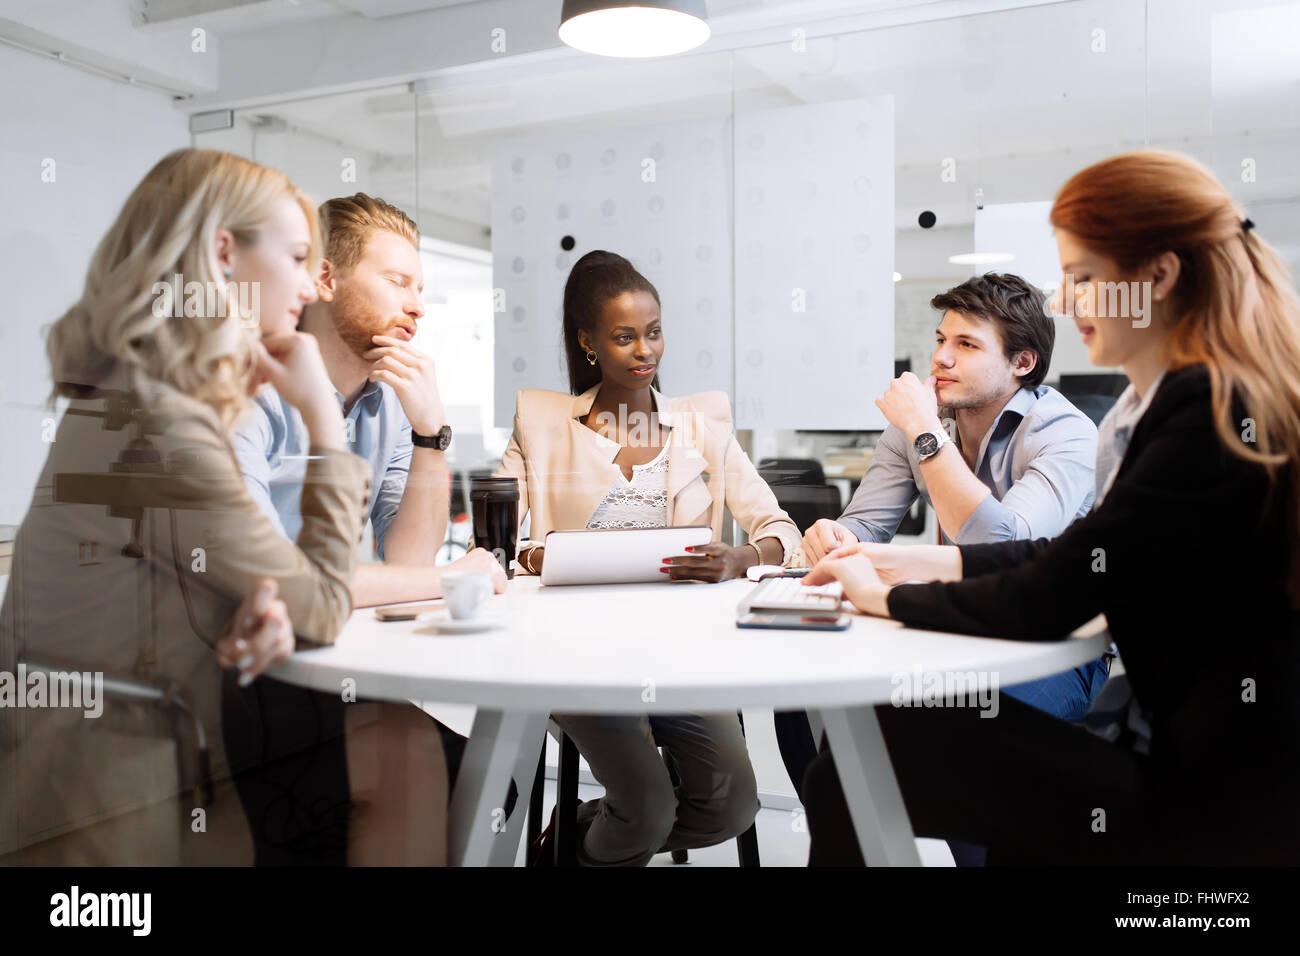 Gruppe von Geschäftsleuten am Schreibtisch sitzen und neue Ideen zu diskutieren Stockbild